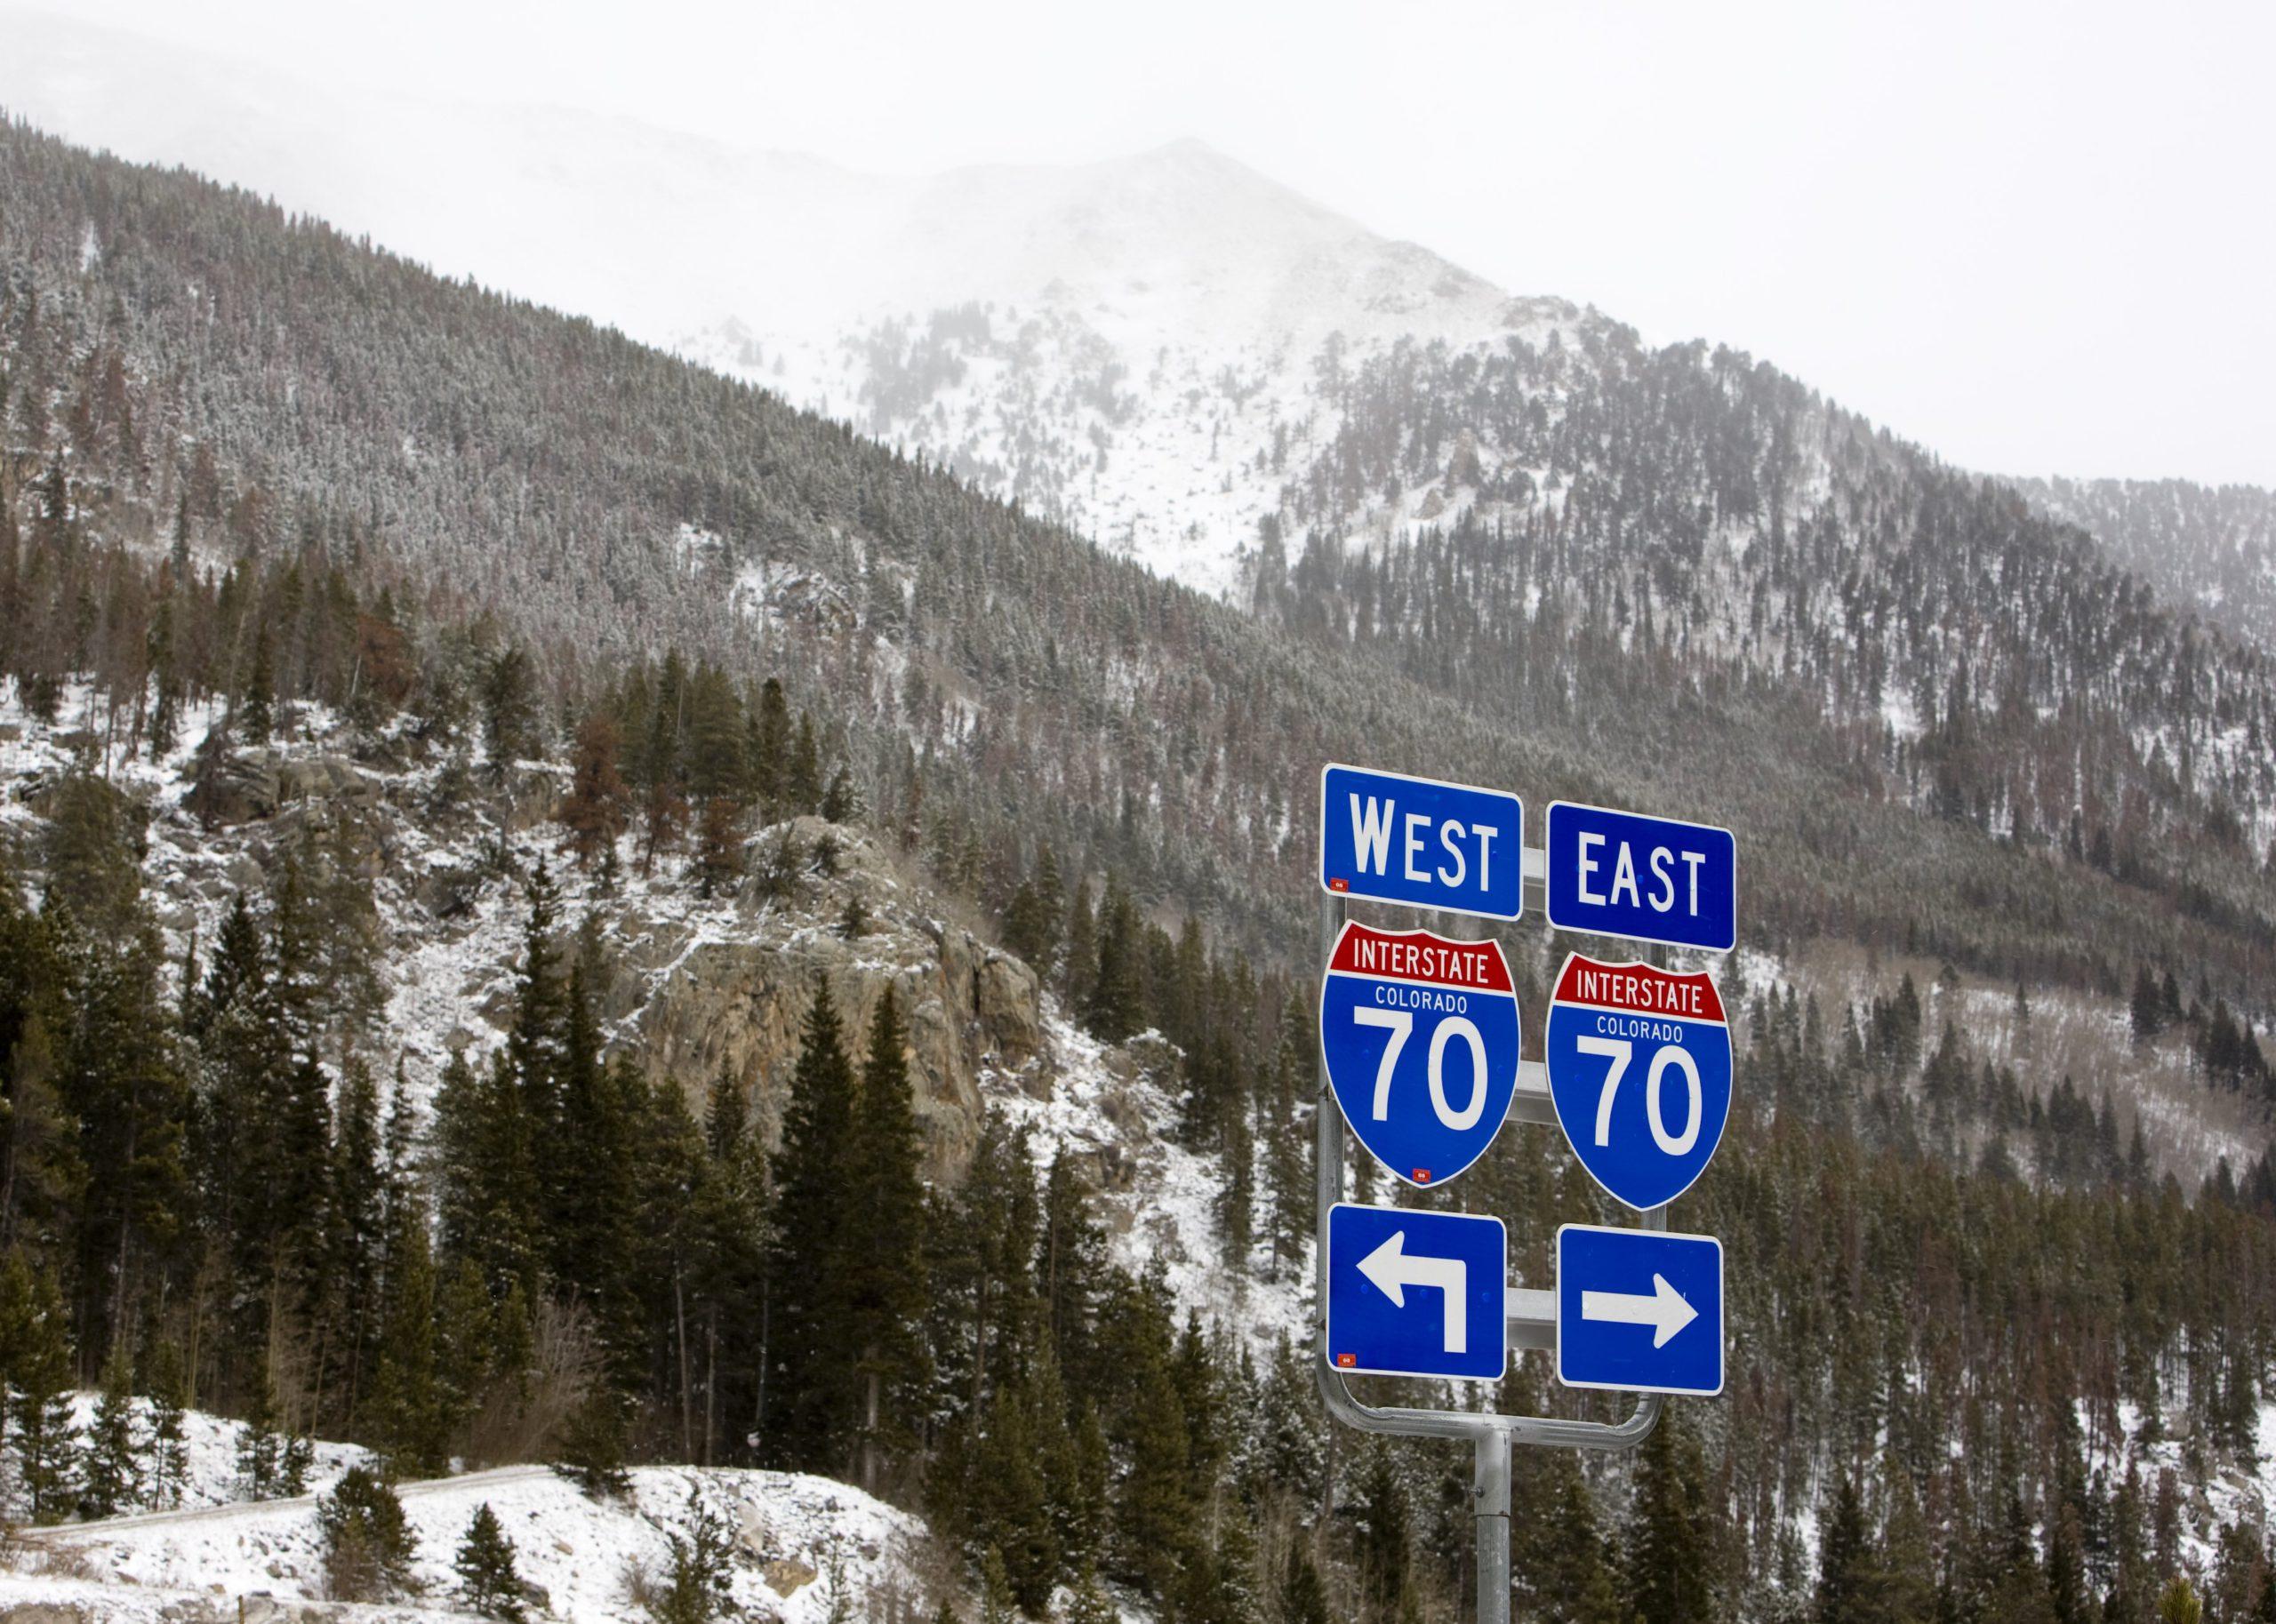 Varias personas atrapadas en vehículos en la carretera de Colorado después de deslizamientos de tierra – Internacionales